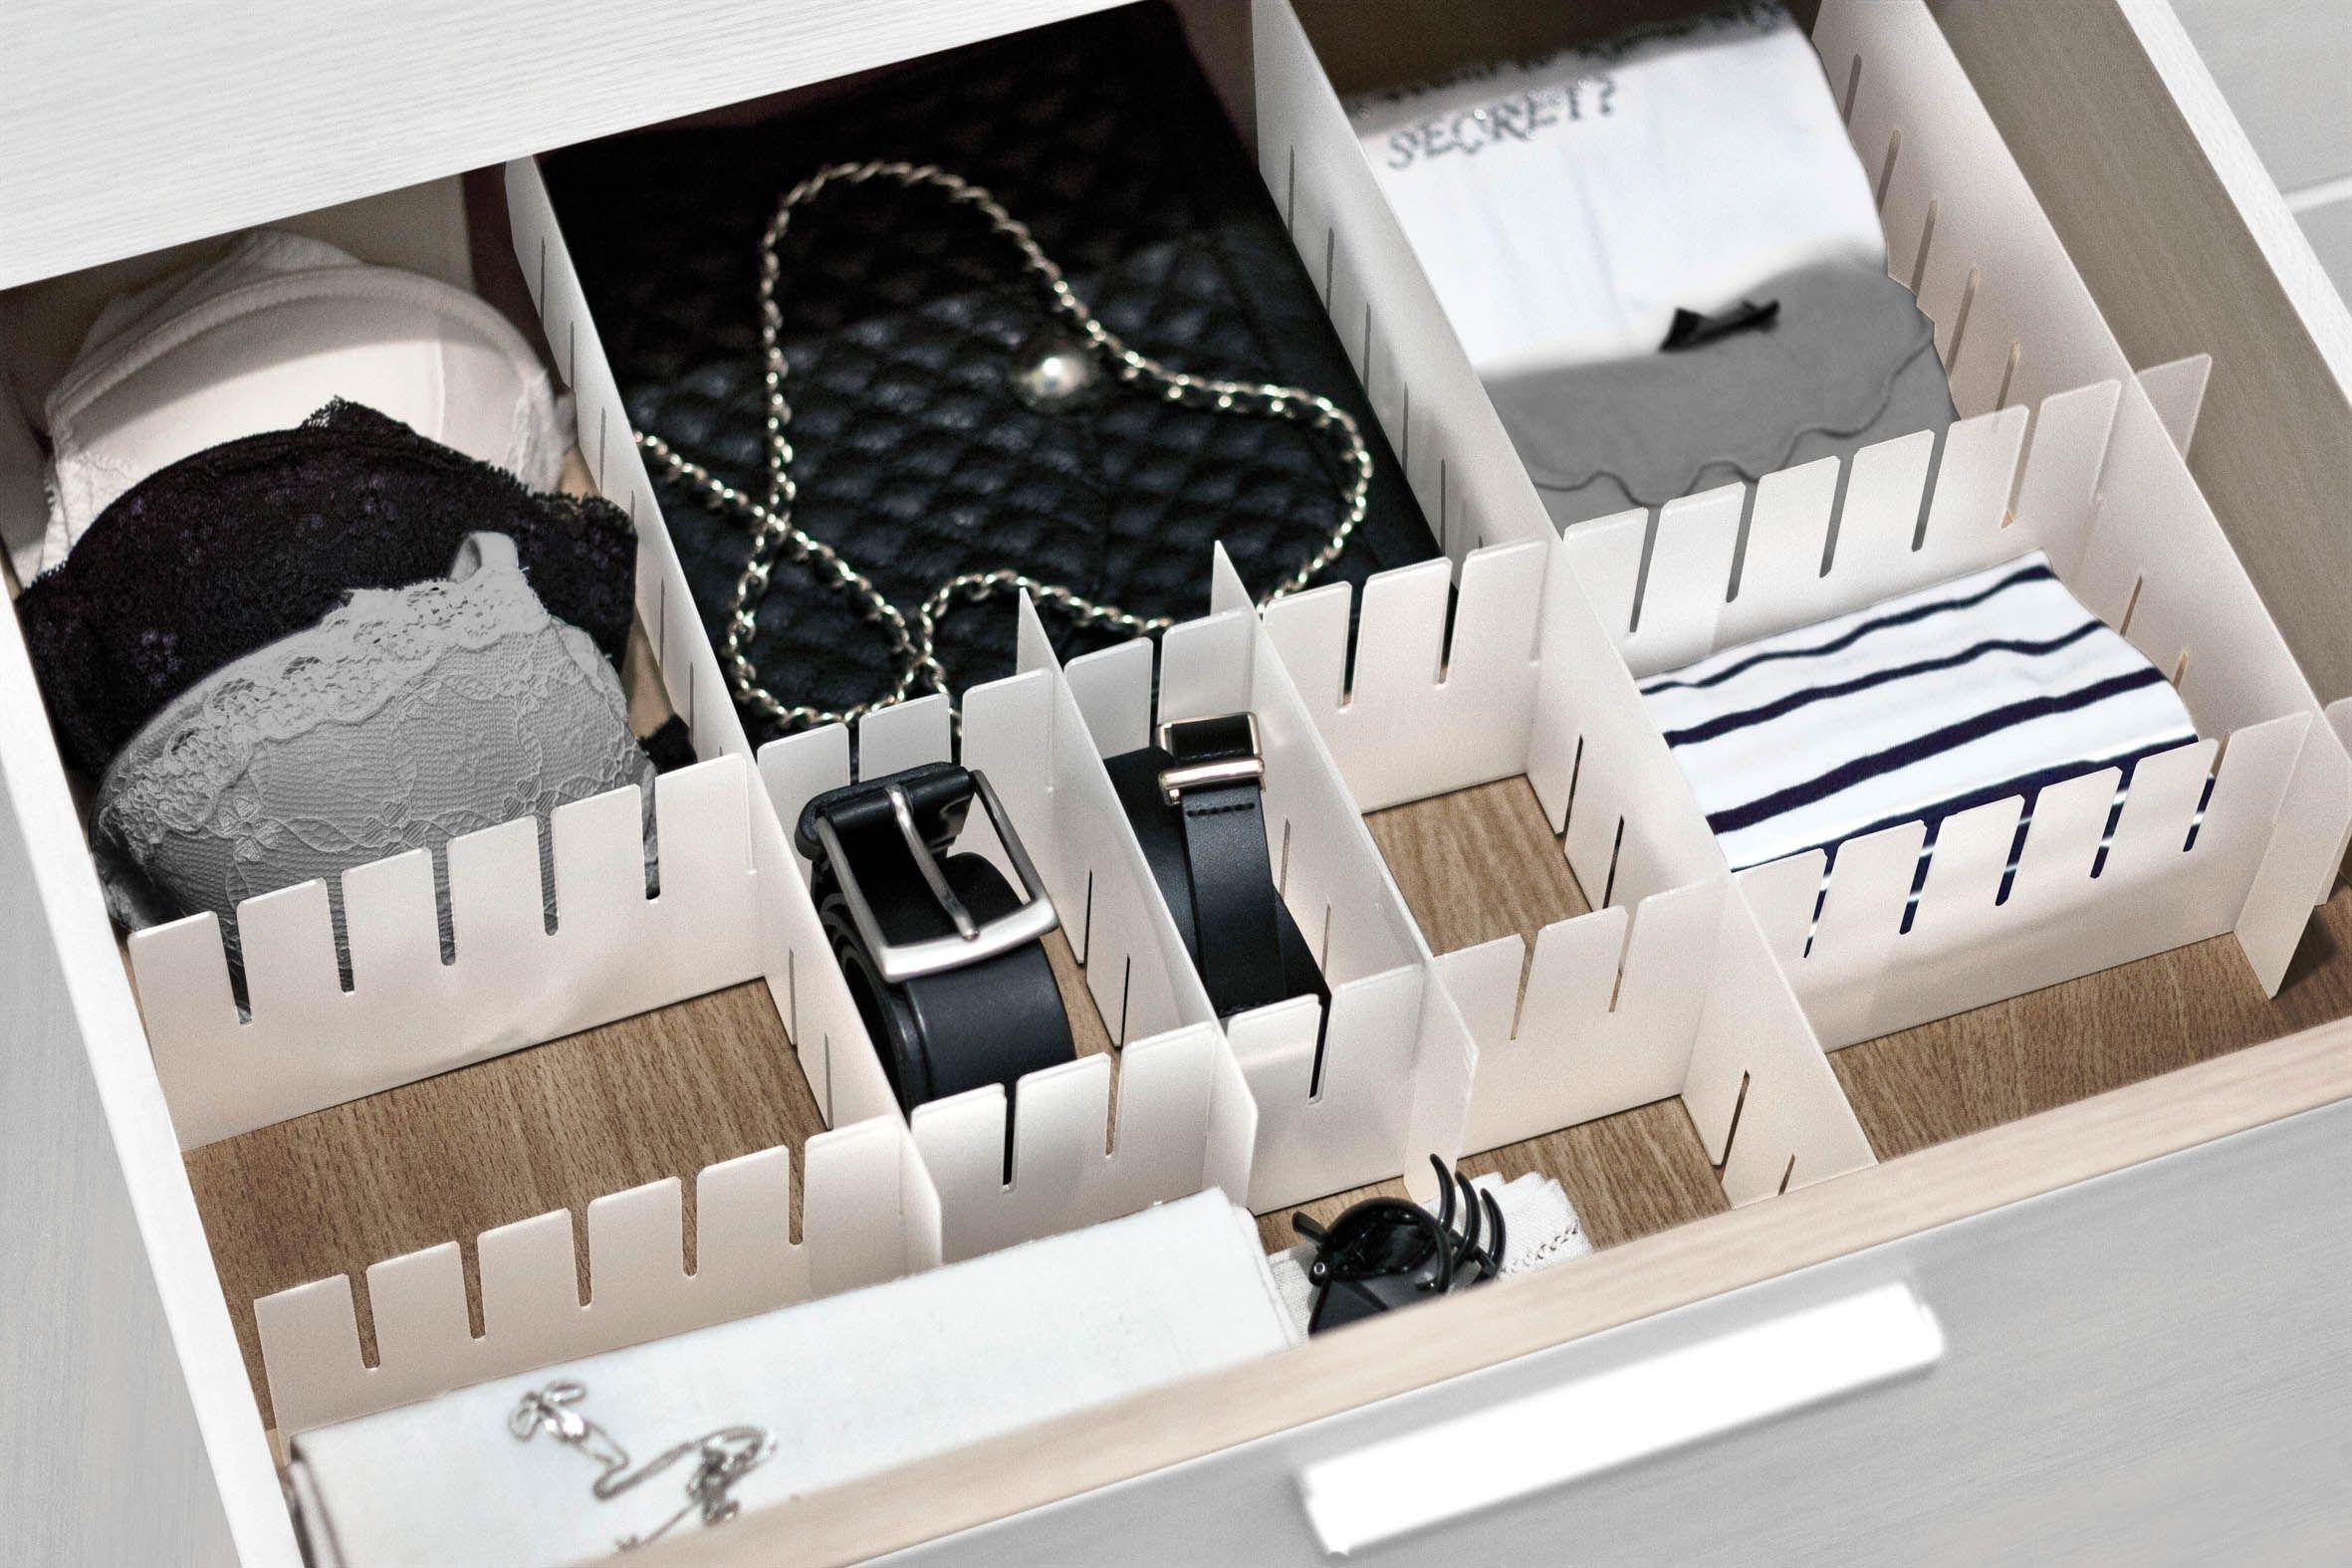 Organizator sertare, compartimentare diversa, 8 piese, Barre Alb, L40xH8 cm imagine